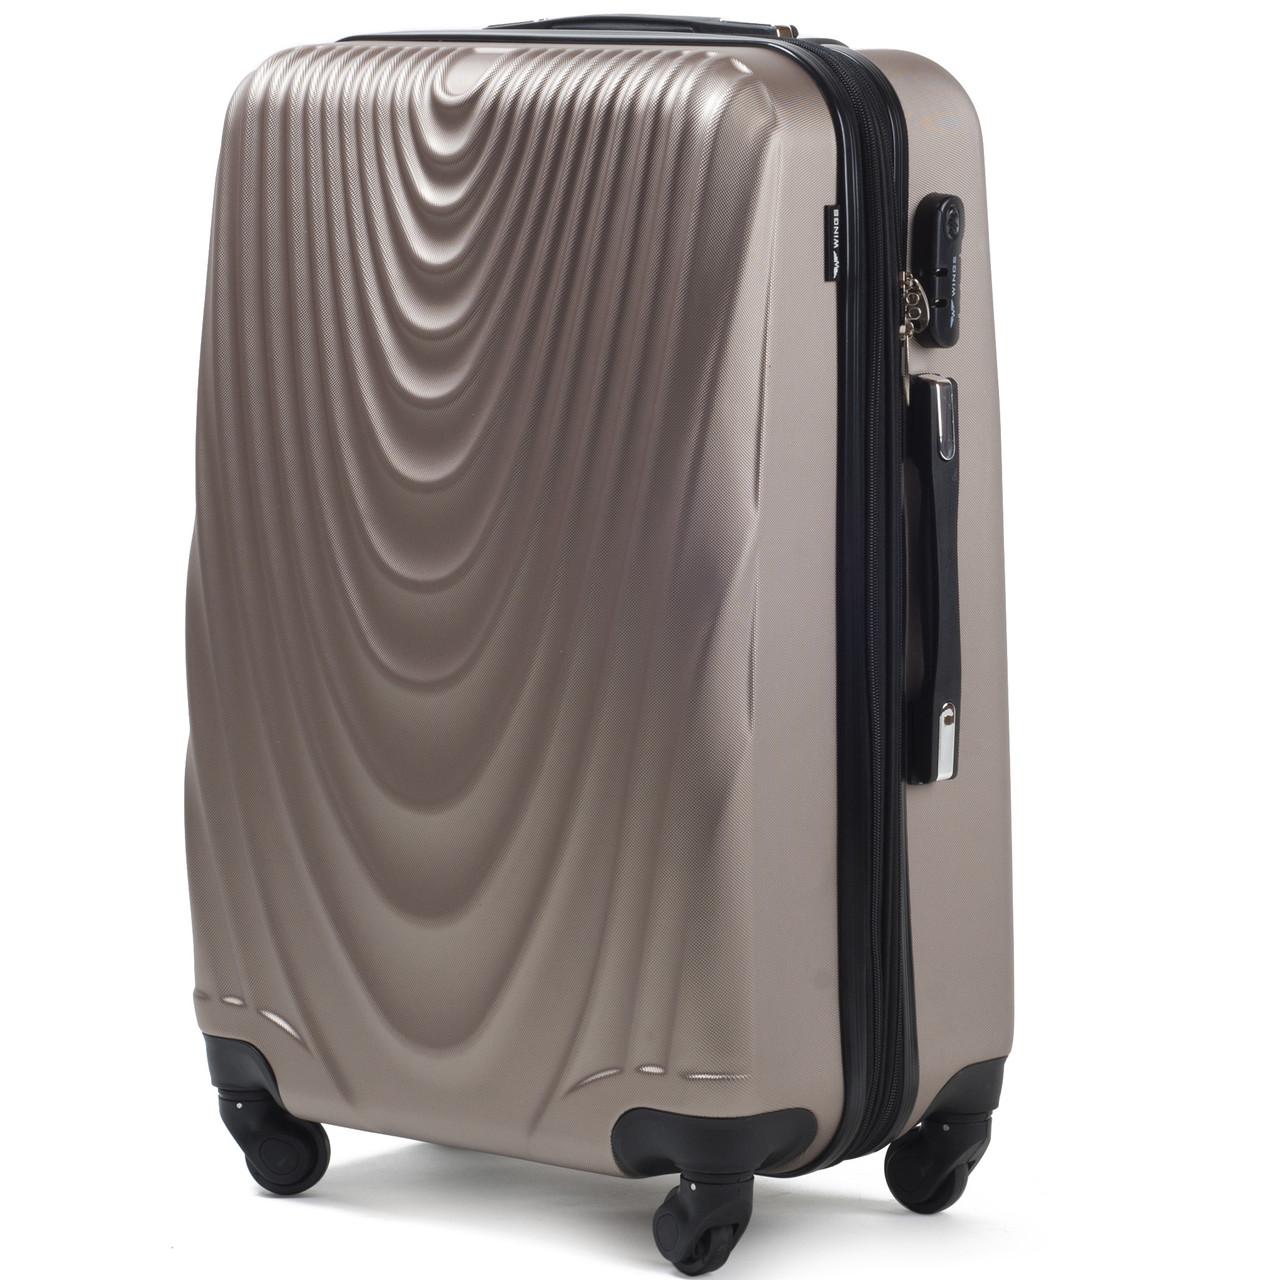 Средний пластиковый чемодан Wings 304 на 4 колесах золотистый